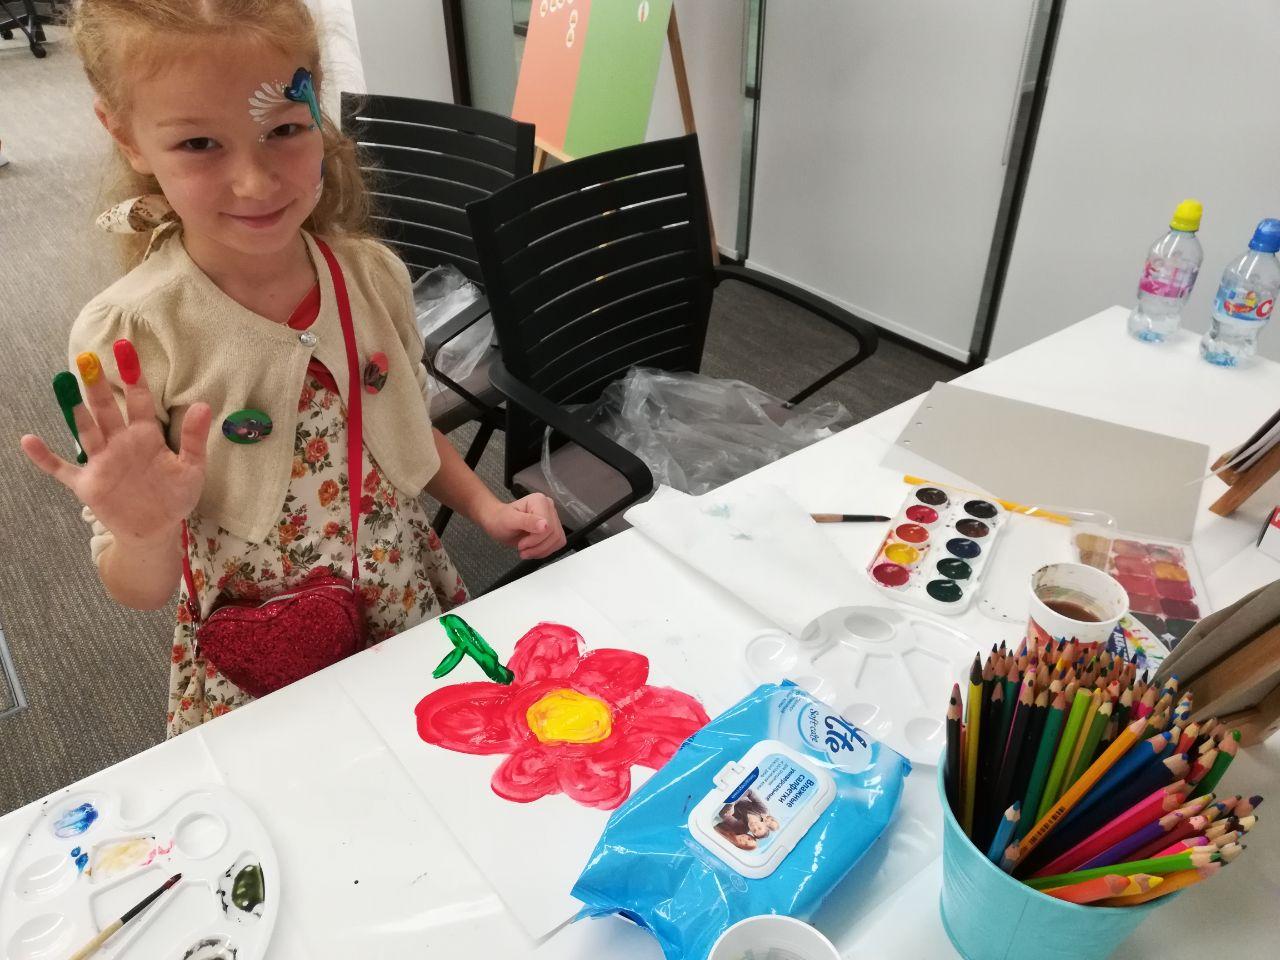 Мастер-класс по рисованию пальчиковыми красками